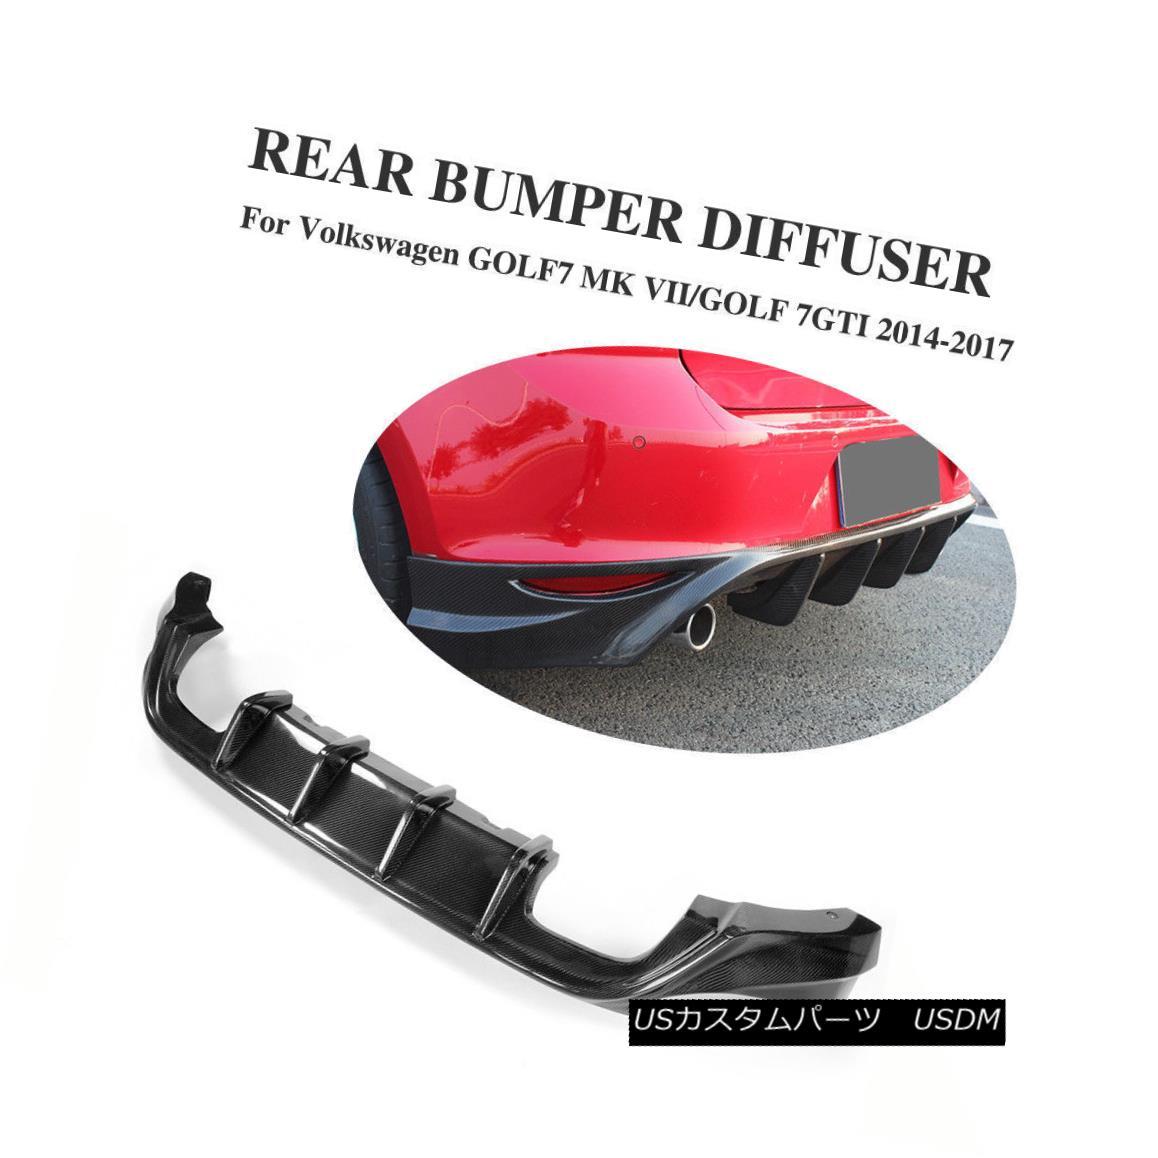 エアロパーツ Carbon Fiber Rear Diffuser Body Kits Black Fit for VW GOLF VII 7 MK7 GTI 14-17 カーボンファイバーリアディフューザーボディーキットVW GOLF VII 7 MK7 GTI 14-17用ブラックフィット